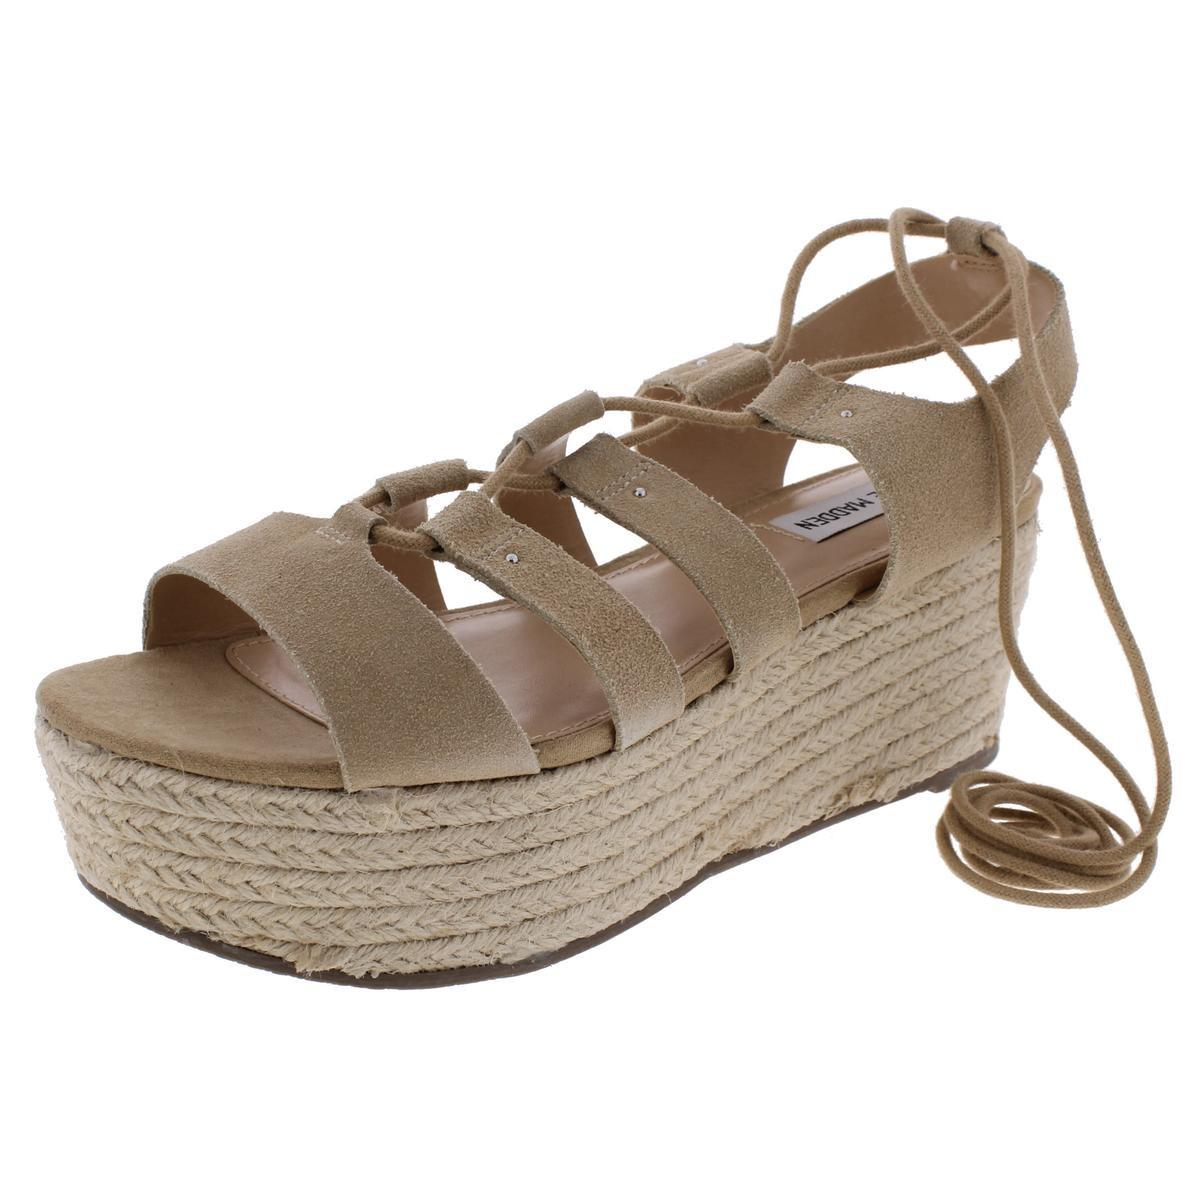 98b1562d72ff Lyst - Steve Madden Brayla Suede Ghillie Platform Sandals